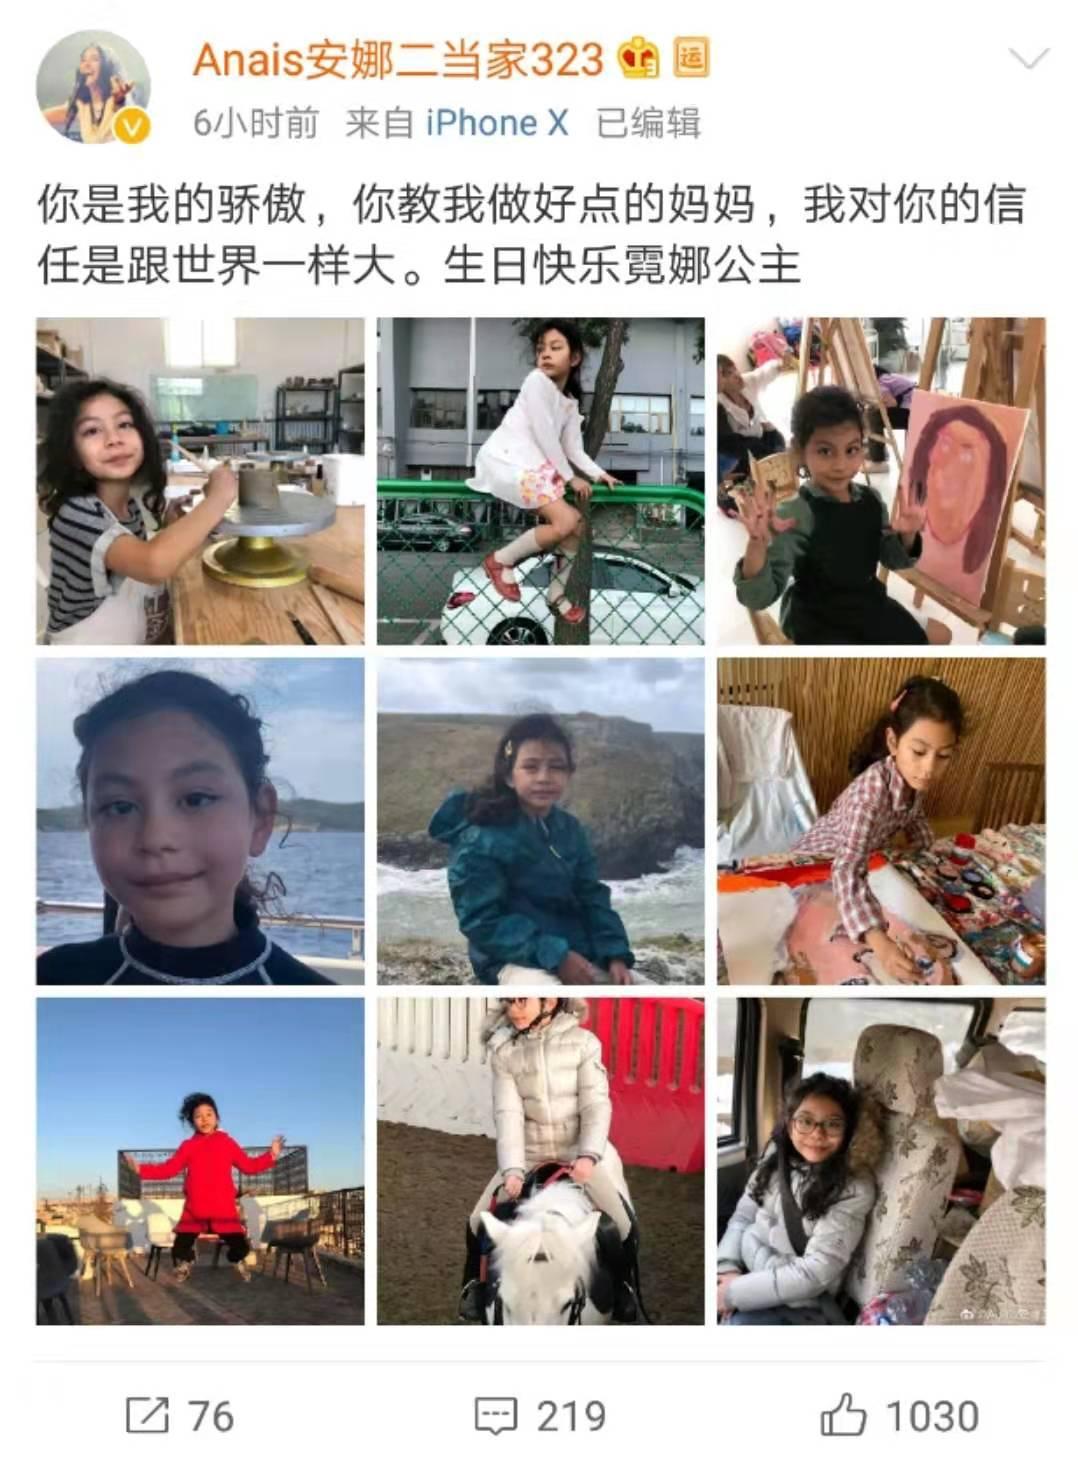 德昂族刘烨妻子为8岁女儿庆生,霓娜